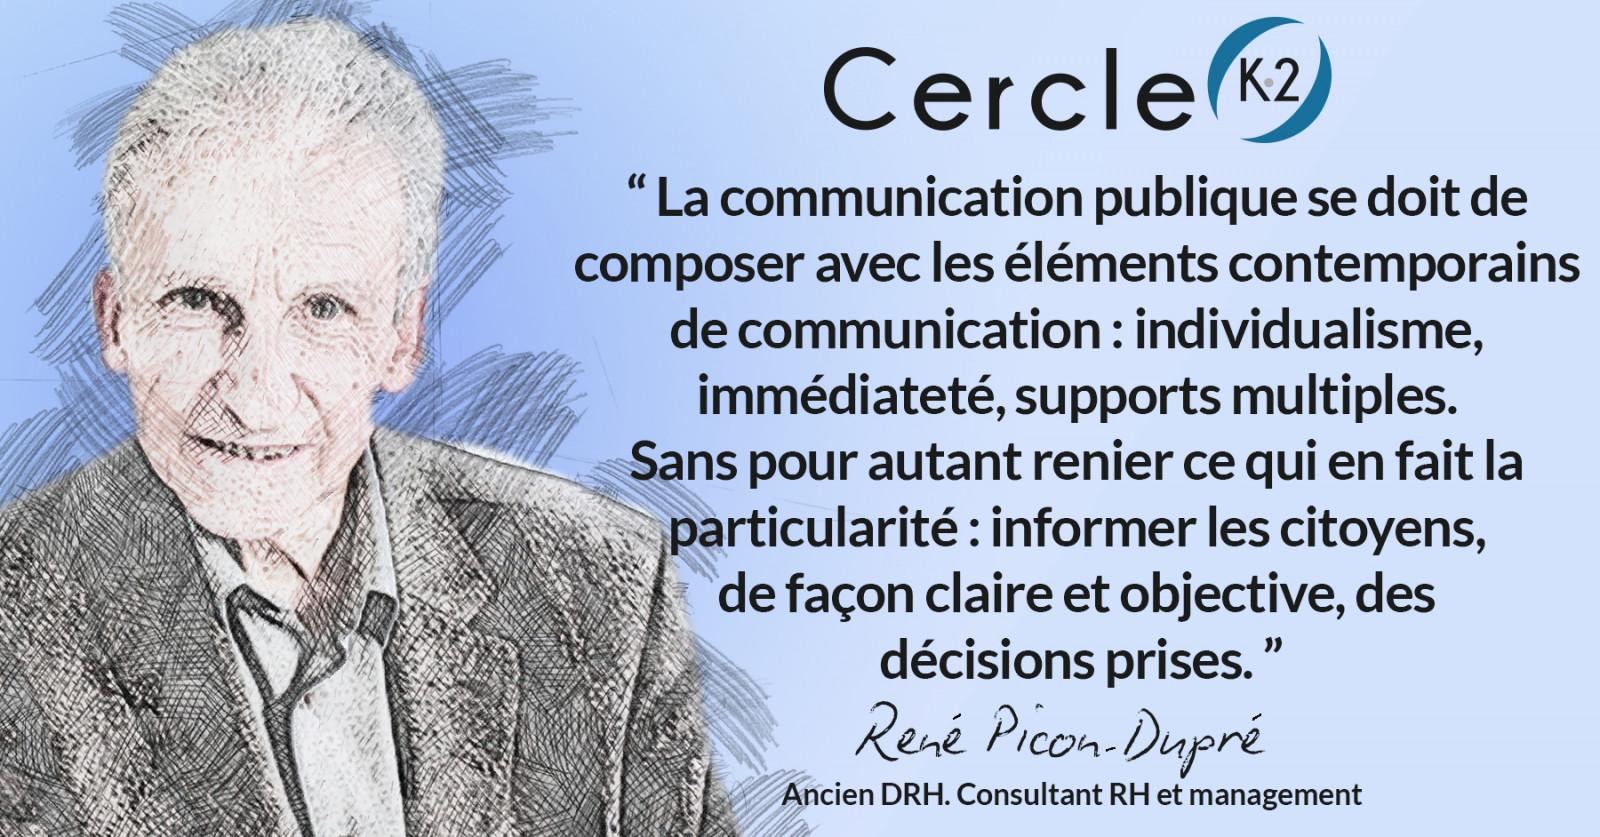 La communication publique, c'est quoi au juste ? - Cercle K2